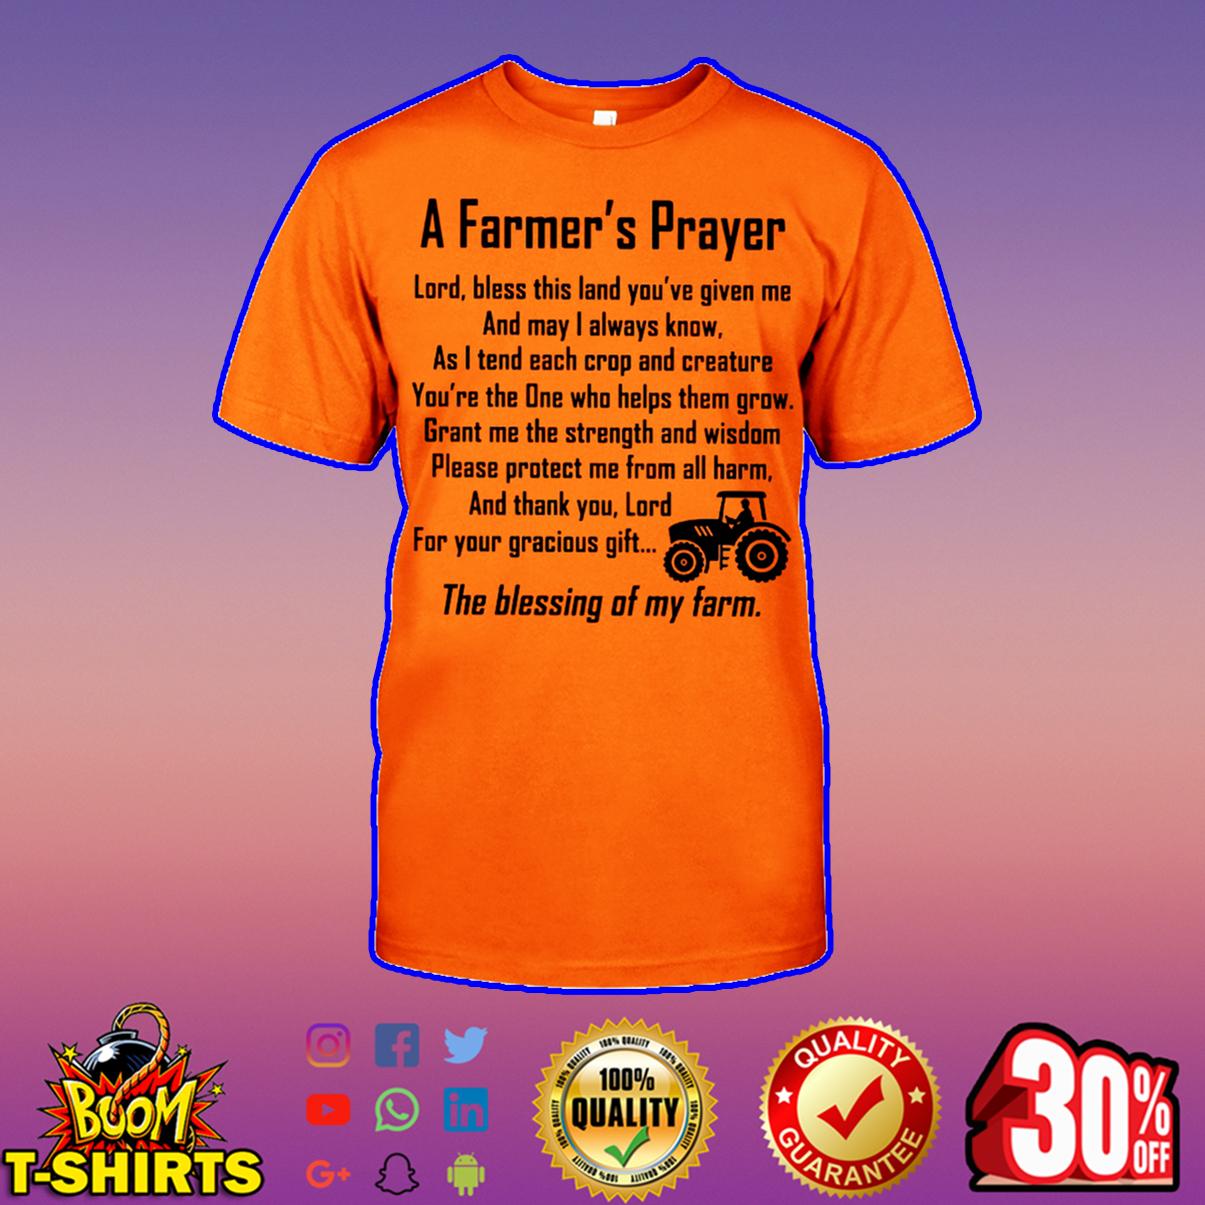 A farmer's prayer shirt